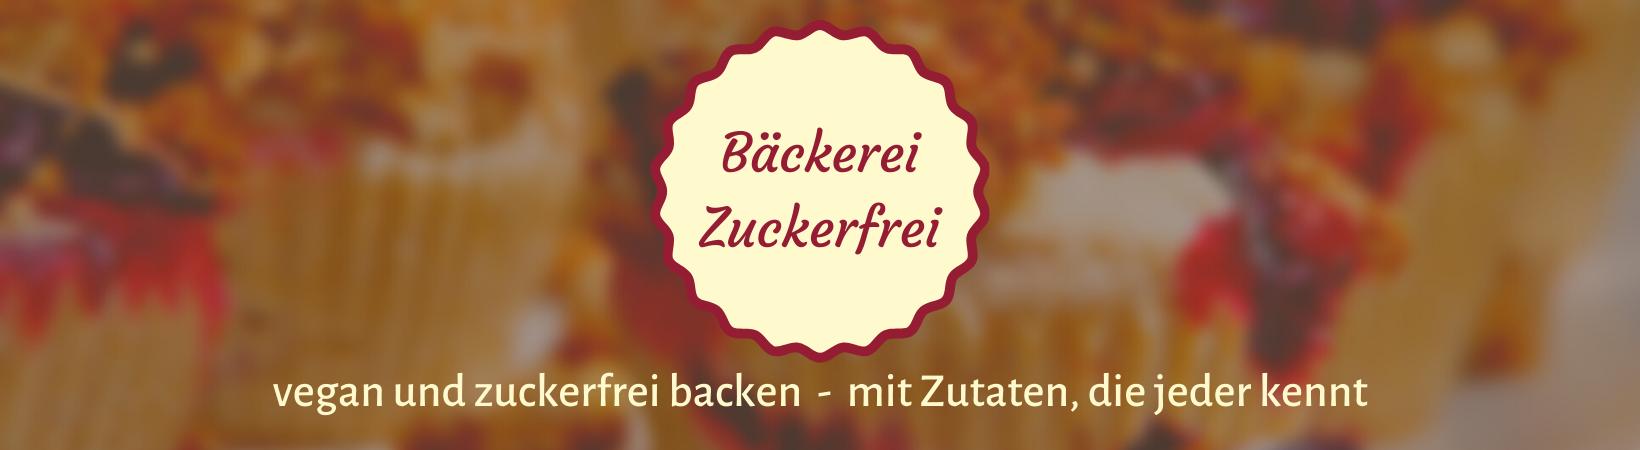 Bäckerei Zuckerfrei